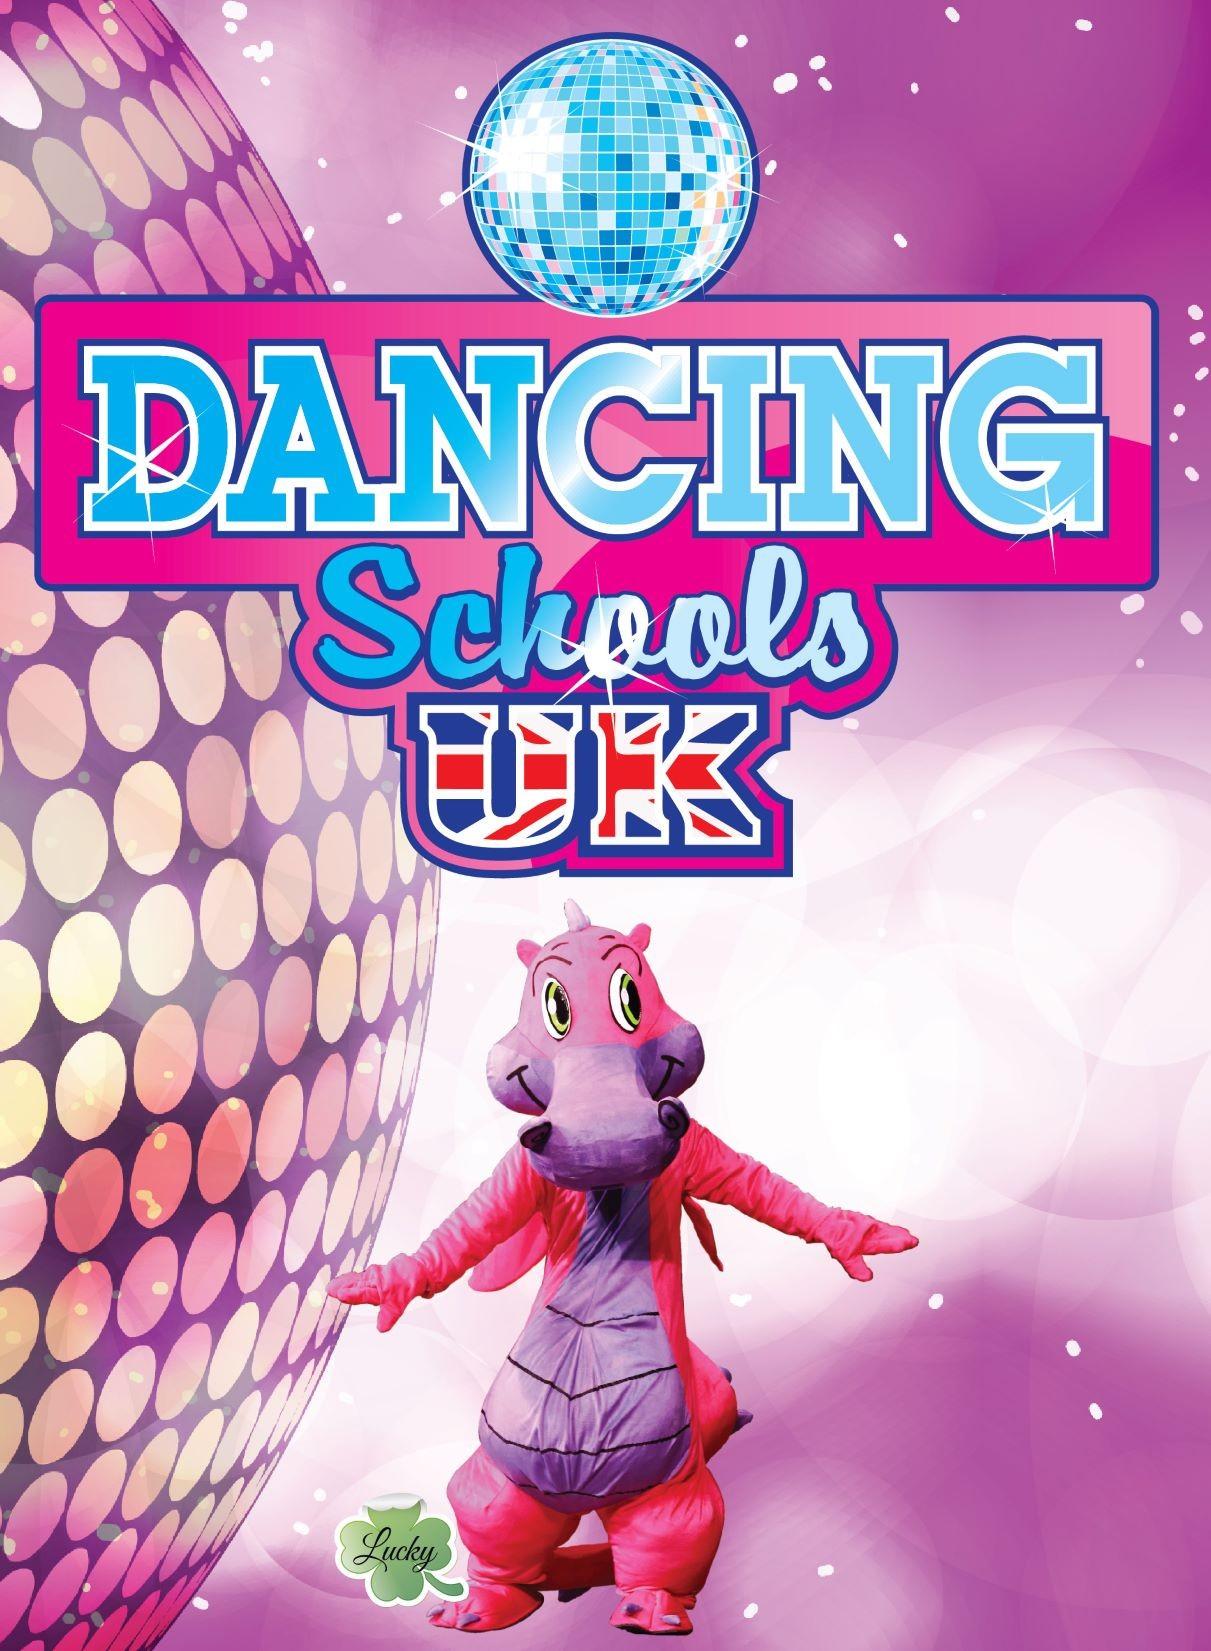 Festival of Dance -  Dancing Schools UK